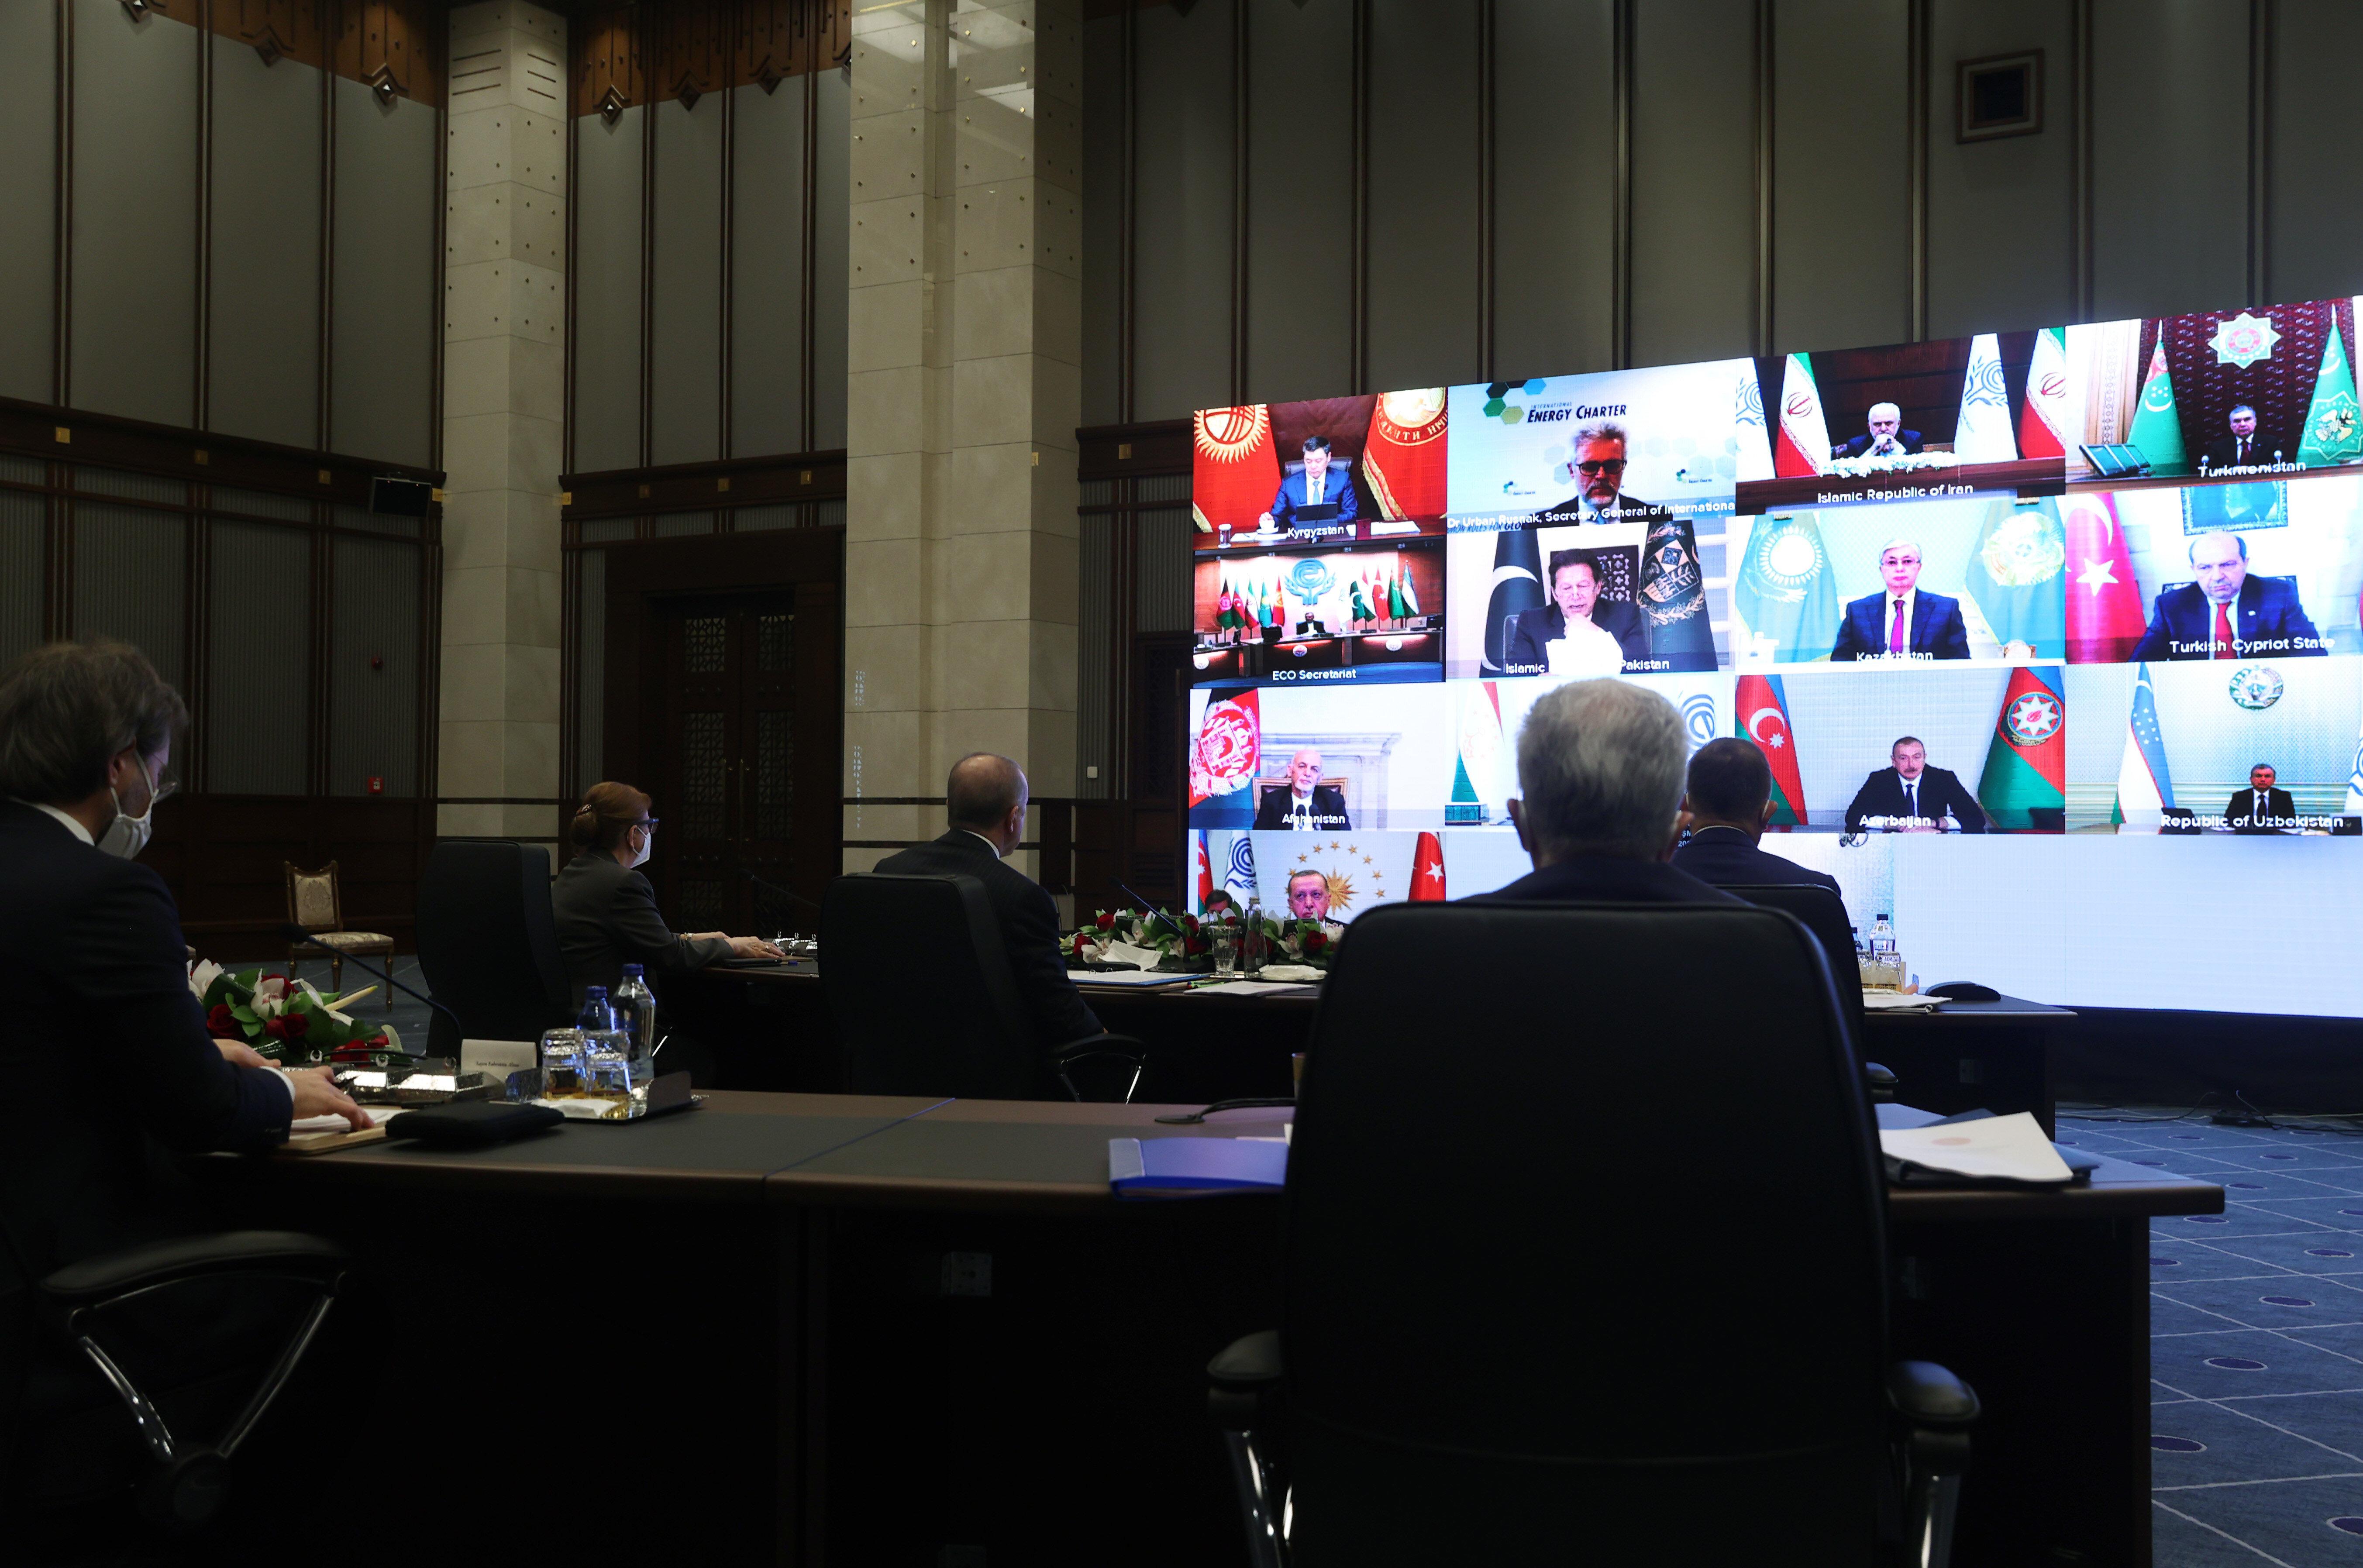 Cumhurbaşkanı Erdoğan, Ekonomik İşbirliği Teşkilatı 14. Liderler Zirvesi'ne canlı bağlantıyla konuştu.